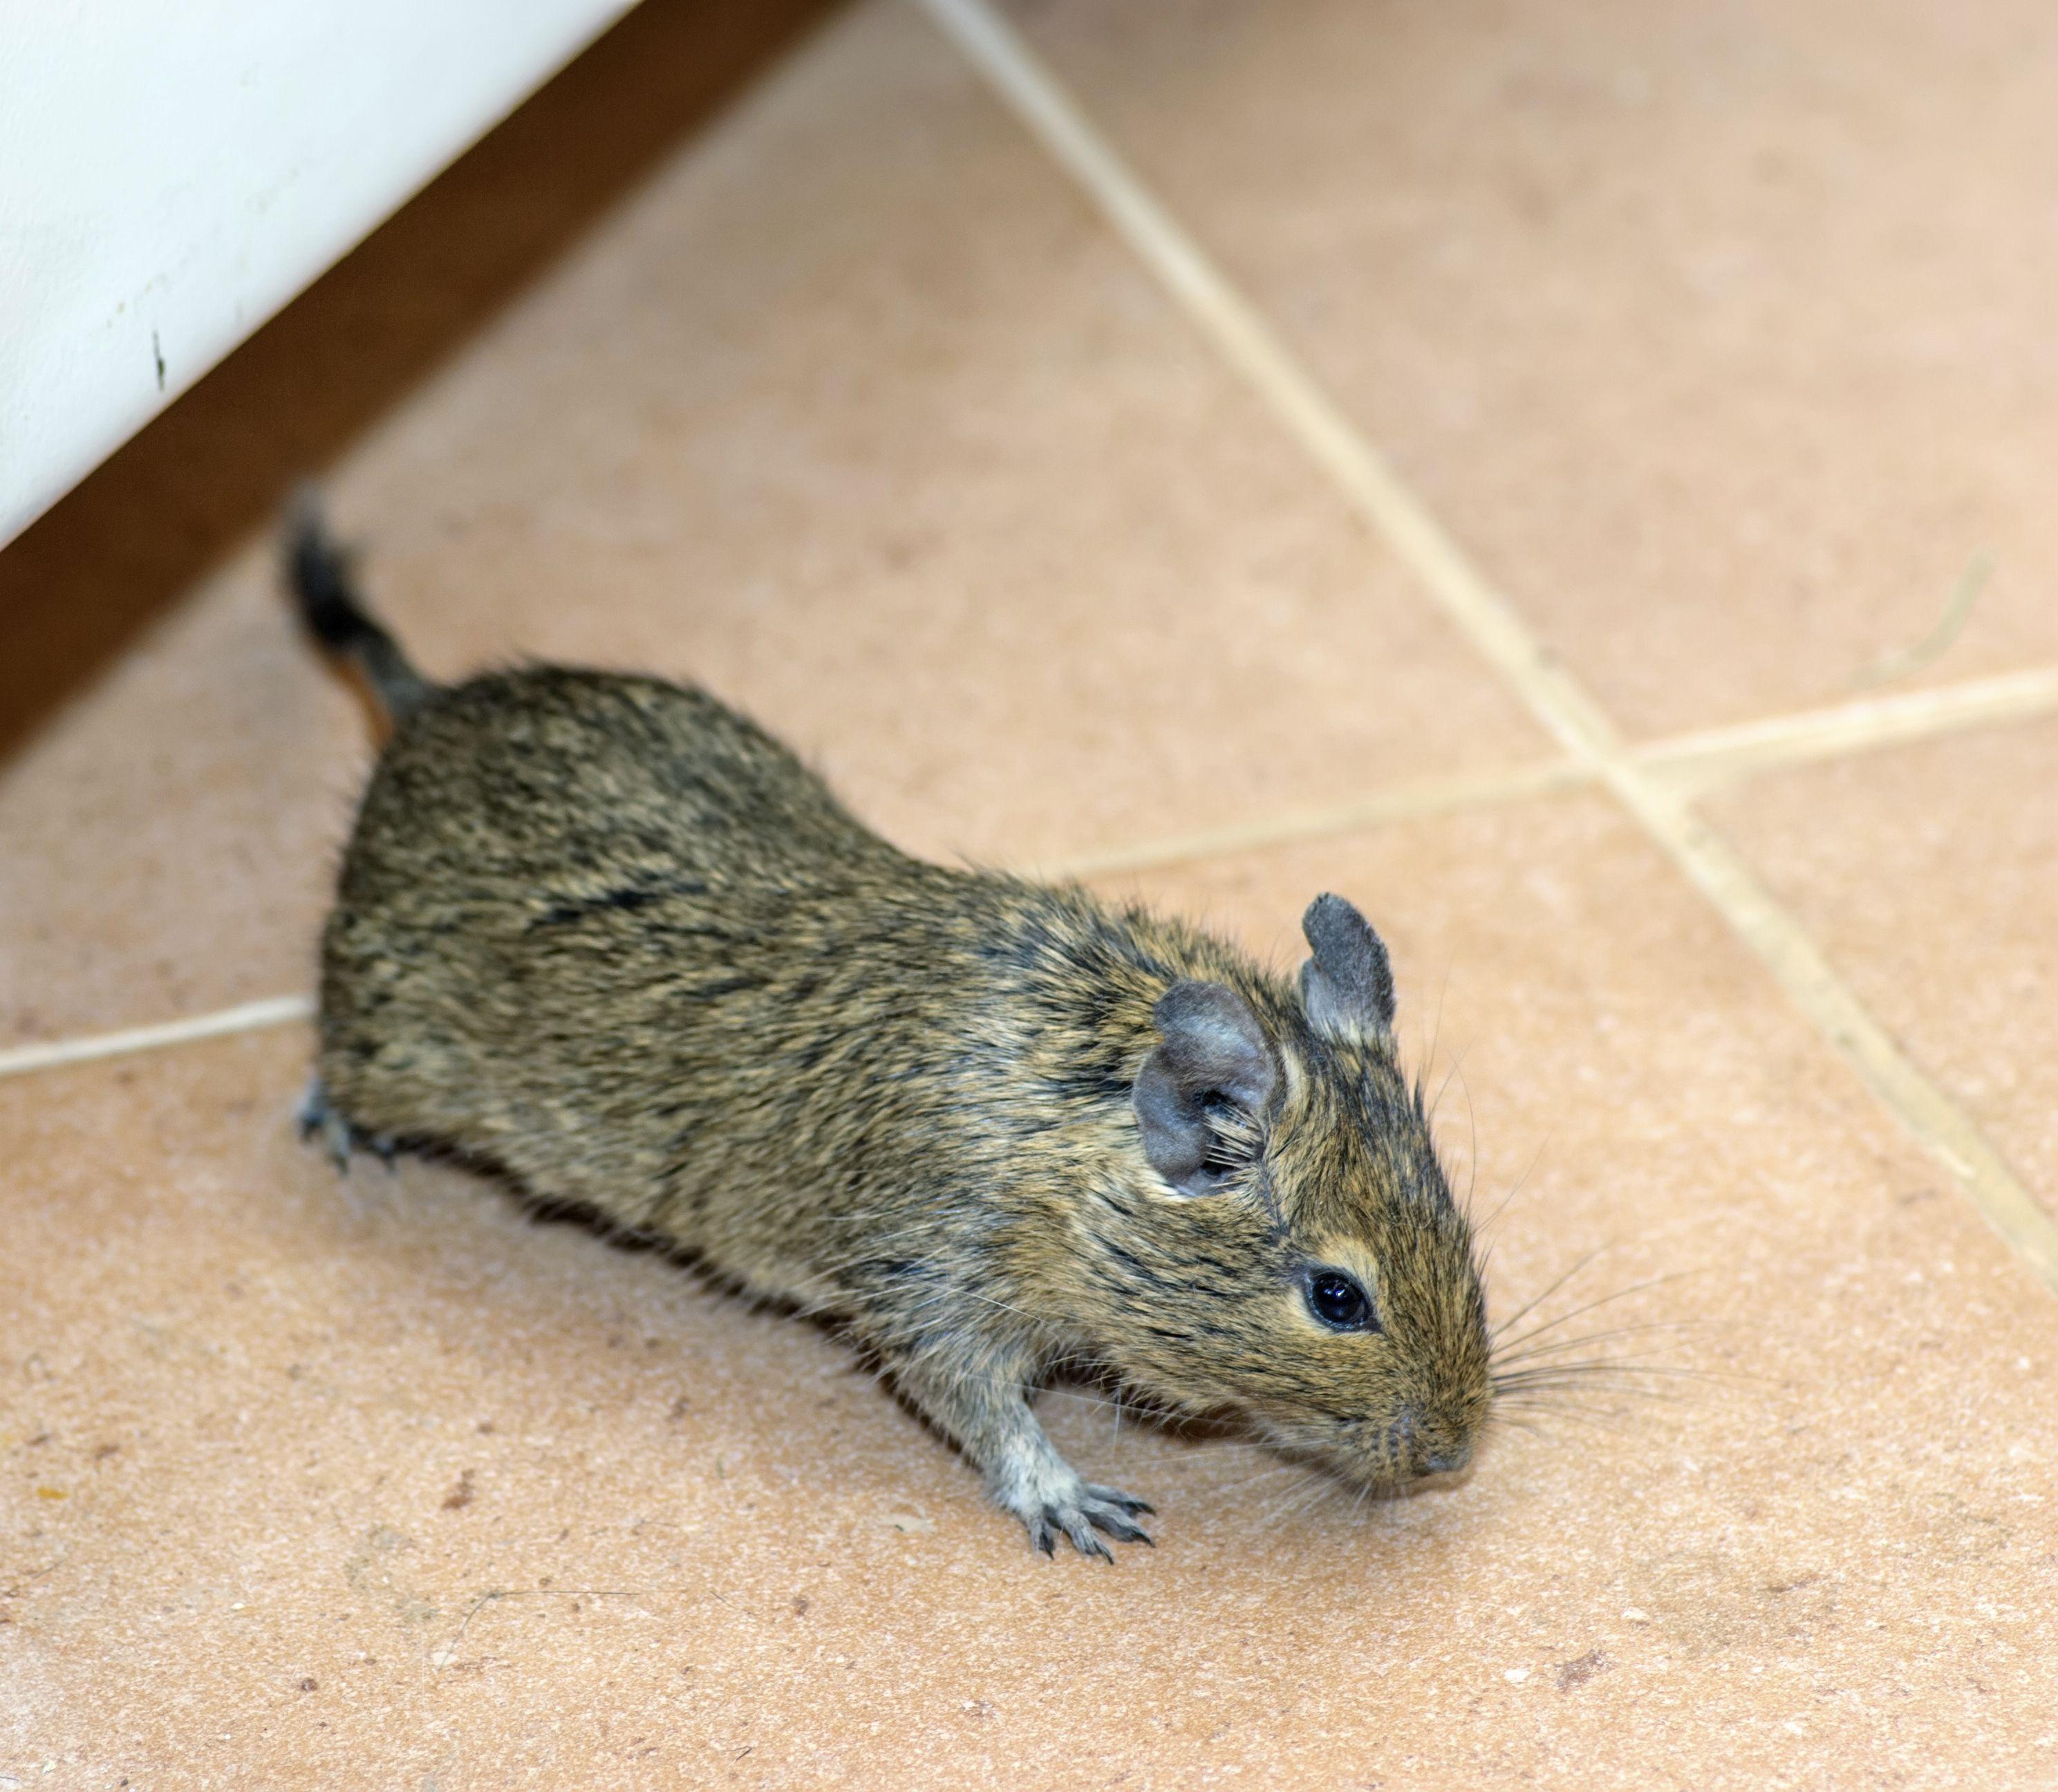 827da1c7e1320ee98c8490359a304214 - How To Get Rid Of Mice In Compost Bin